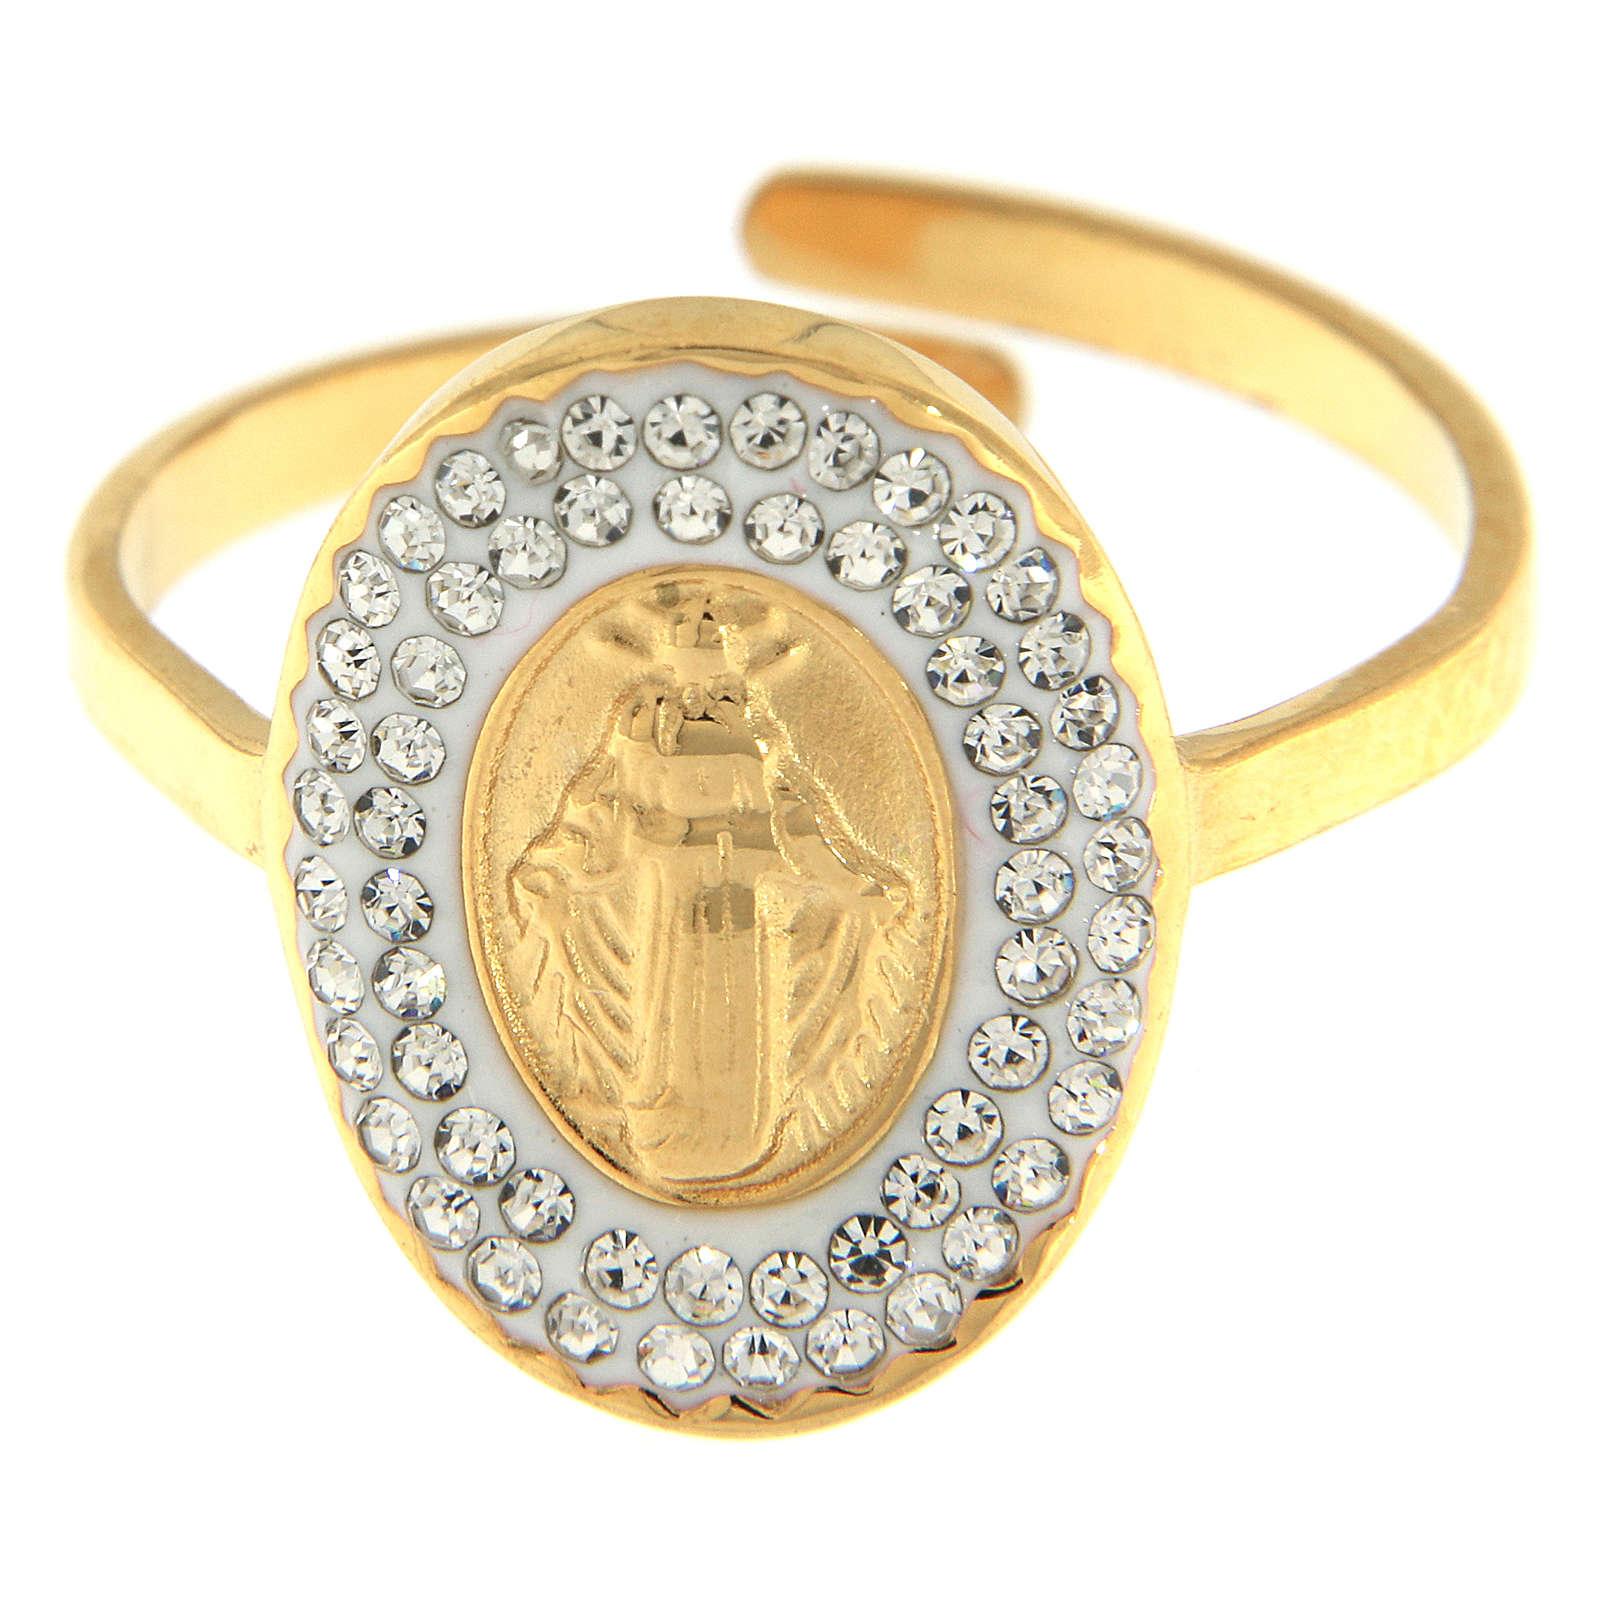 Anello acciaio dorato Madonna Medjugorje dorata 4